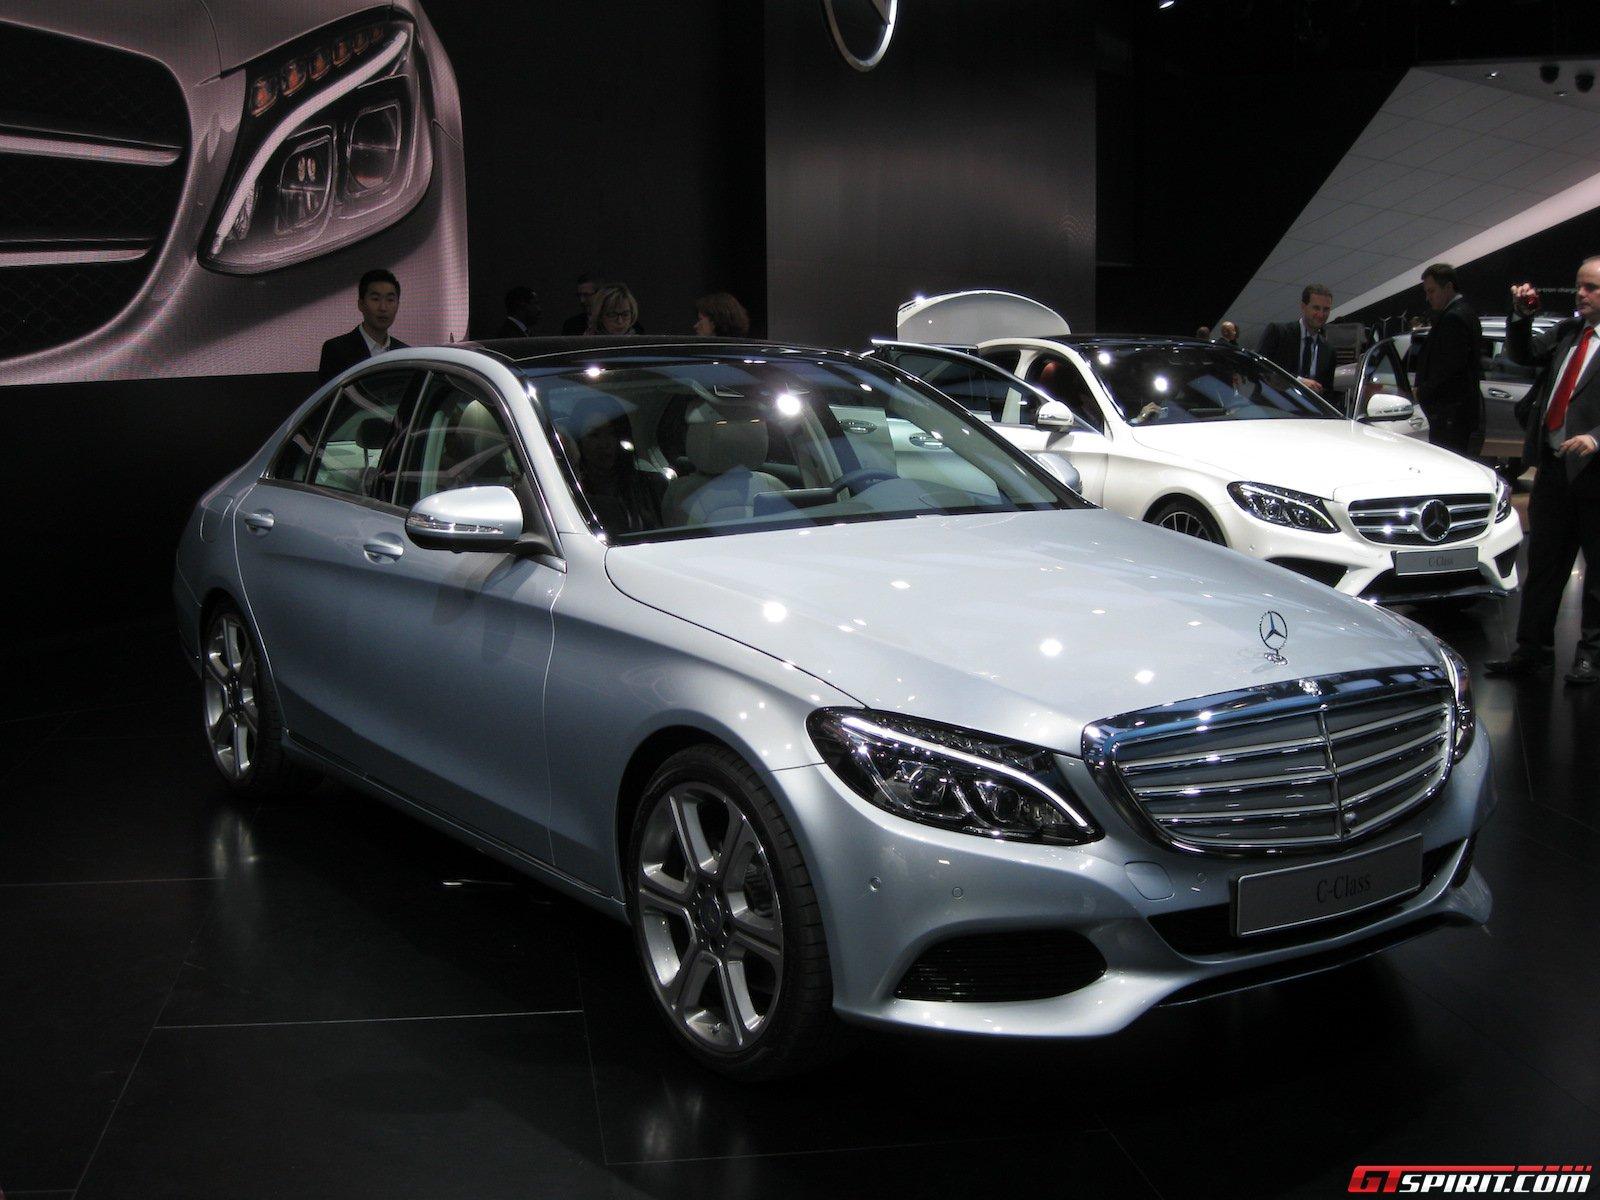 Detroit MercedesBenz CClass GTspirit - Mercedes tx car show